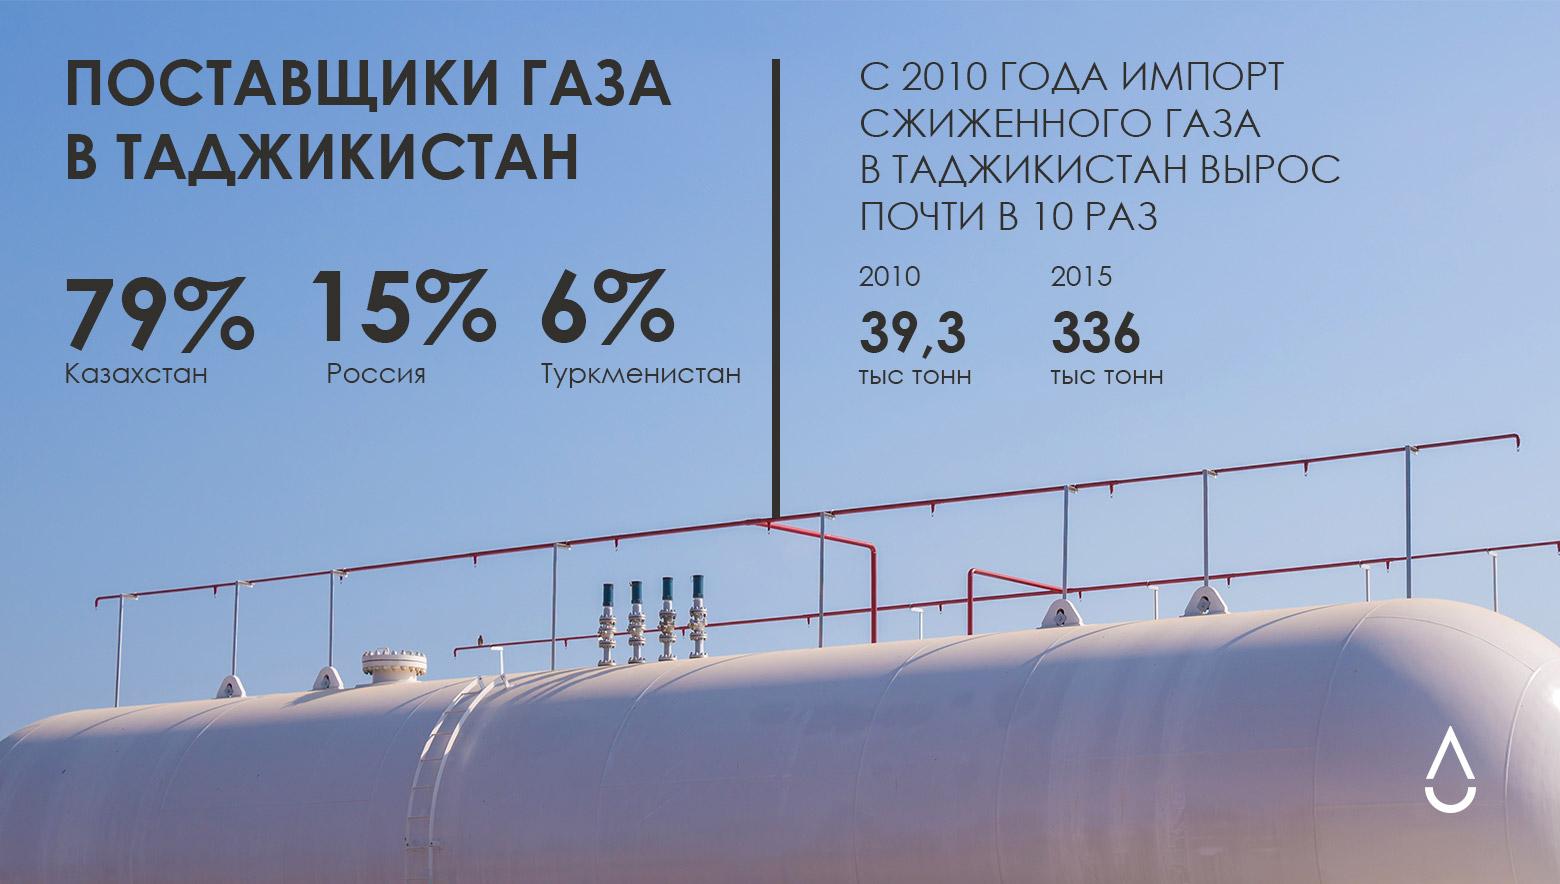 С 2010 года импорт сжиженного газа в Таджикистан вырос почти в 10 раз.